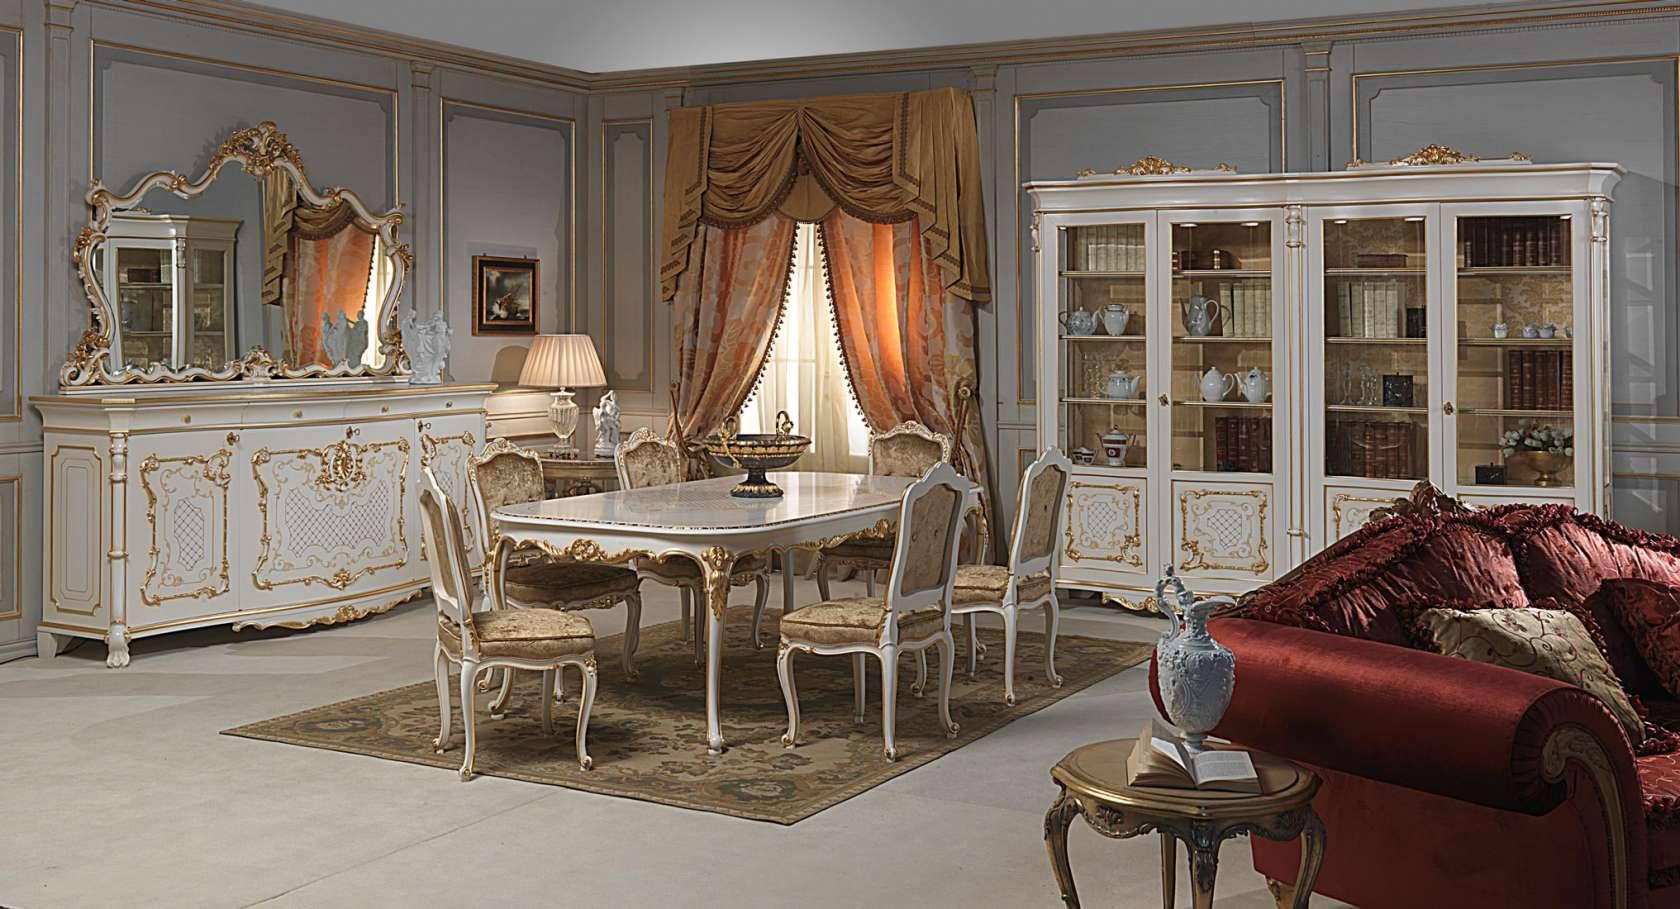 Sala Da Pranzo In Stile Luigi XV: Tavolo E Sedie Intagiati Credenza  #9E572D 1680 909 Mobili Per La Sala Da Pranzo